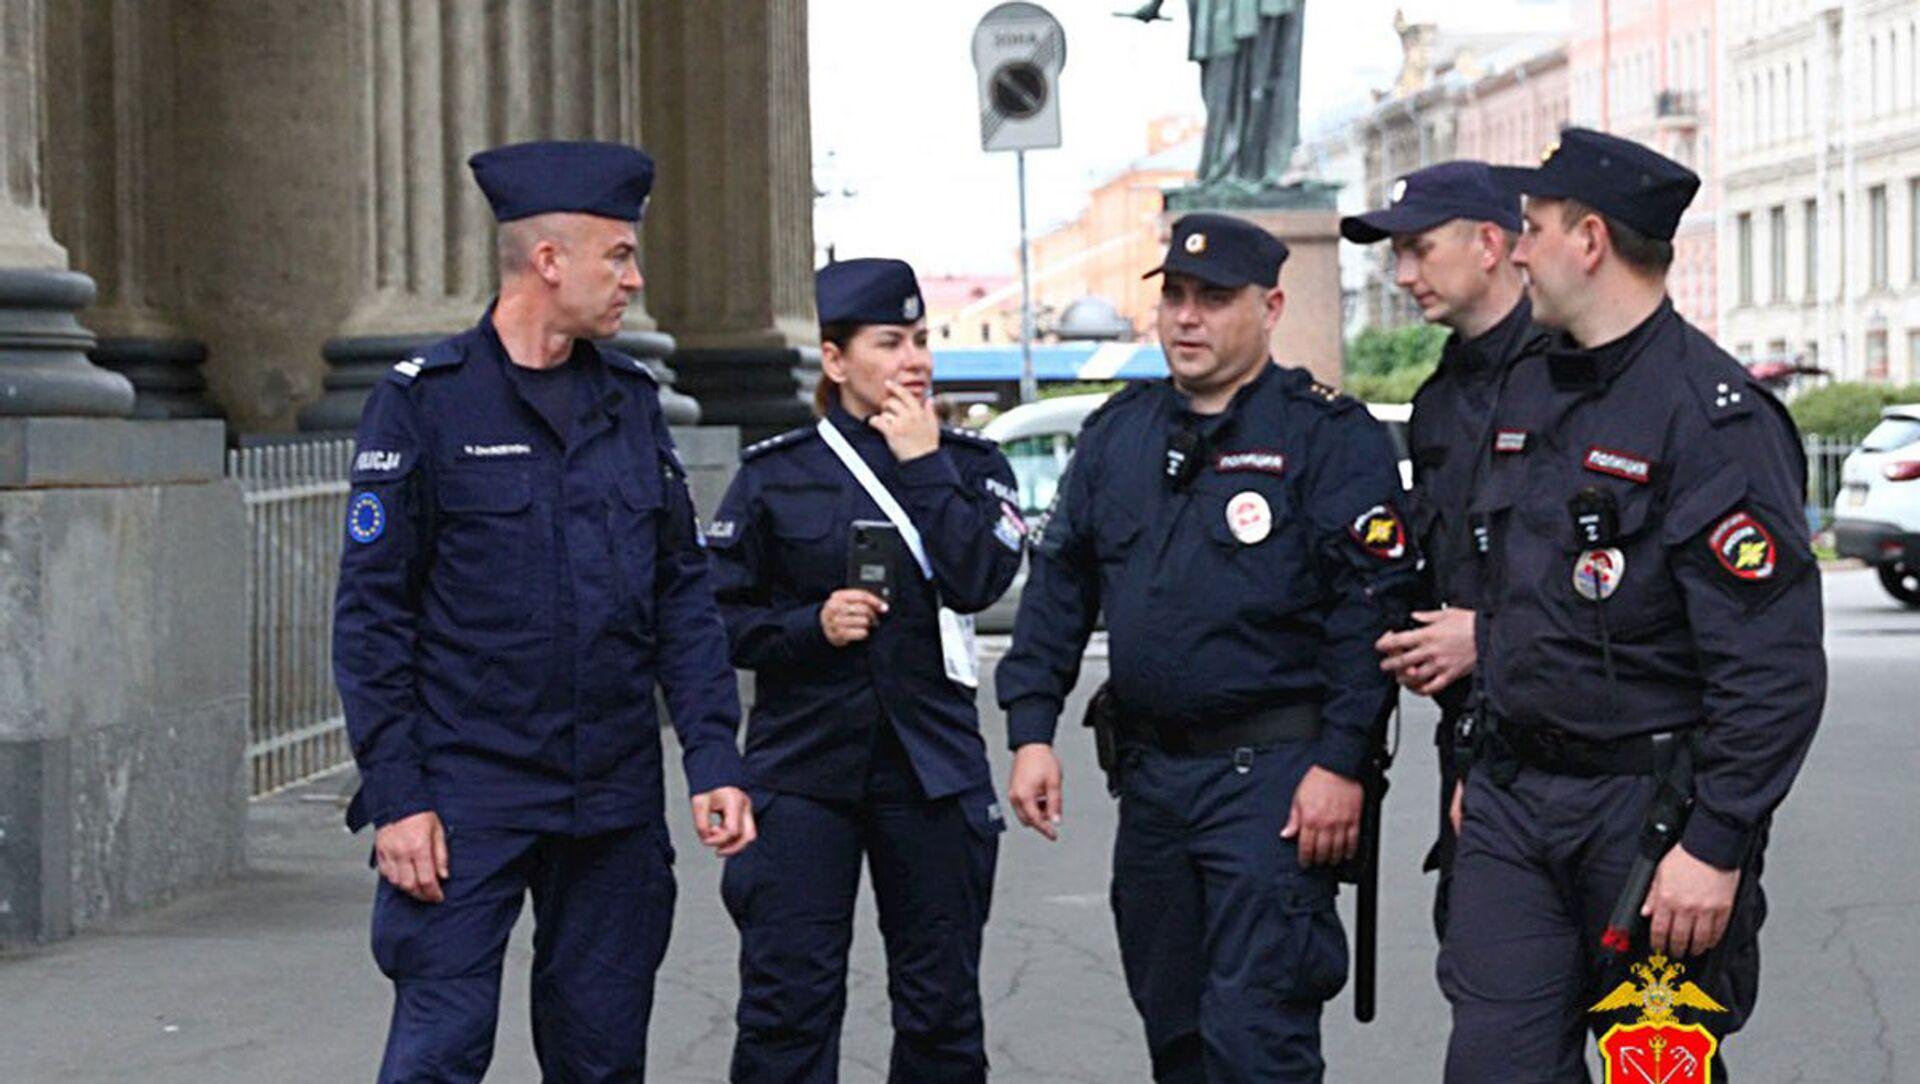 Polscy policjanci w Petersburgu - Sputnik Polska, 1920, 14.06.2021